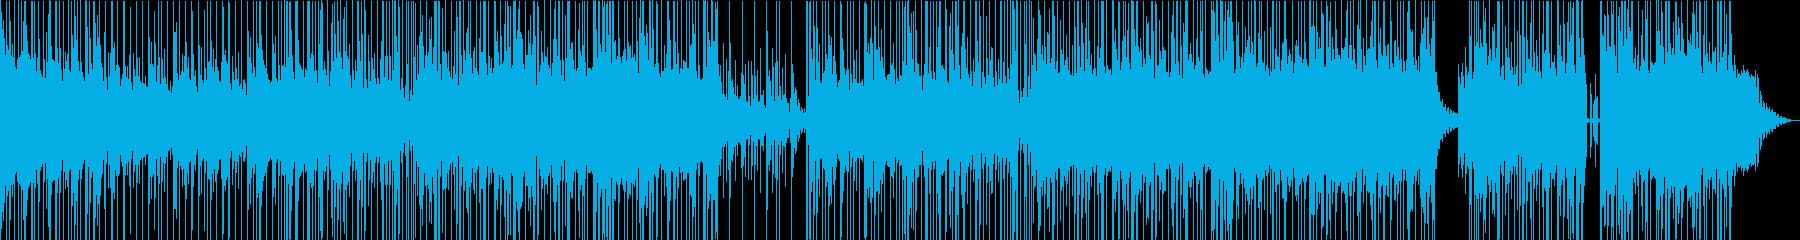 切ないイメージのあるおしゃれポップスの再生済みの波形